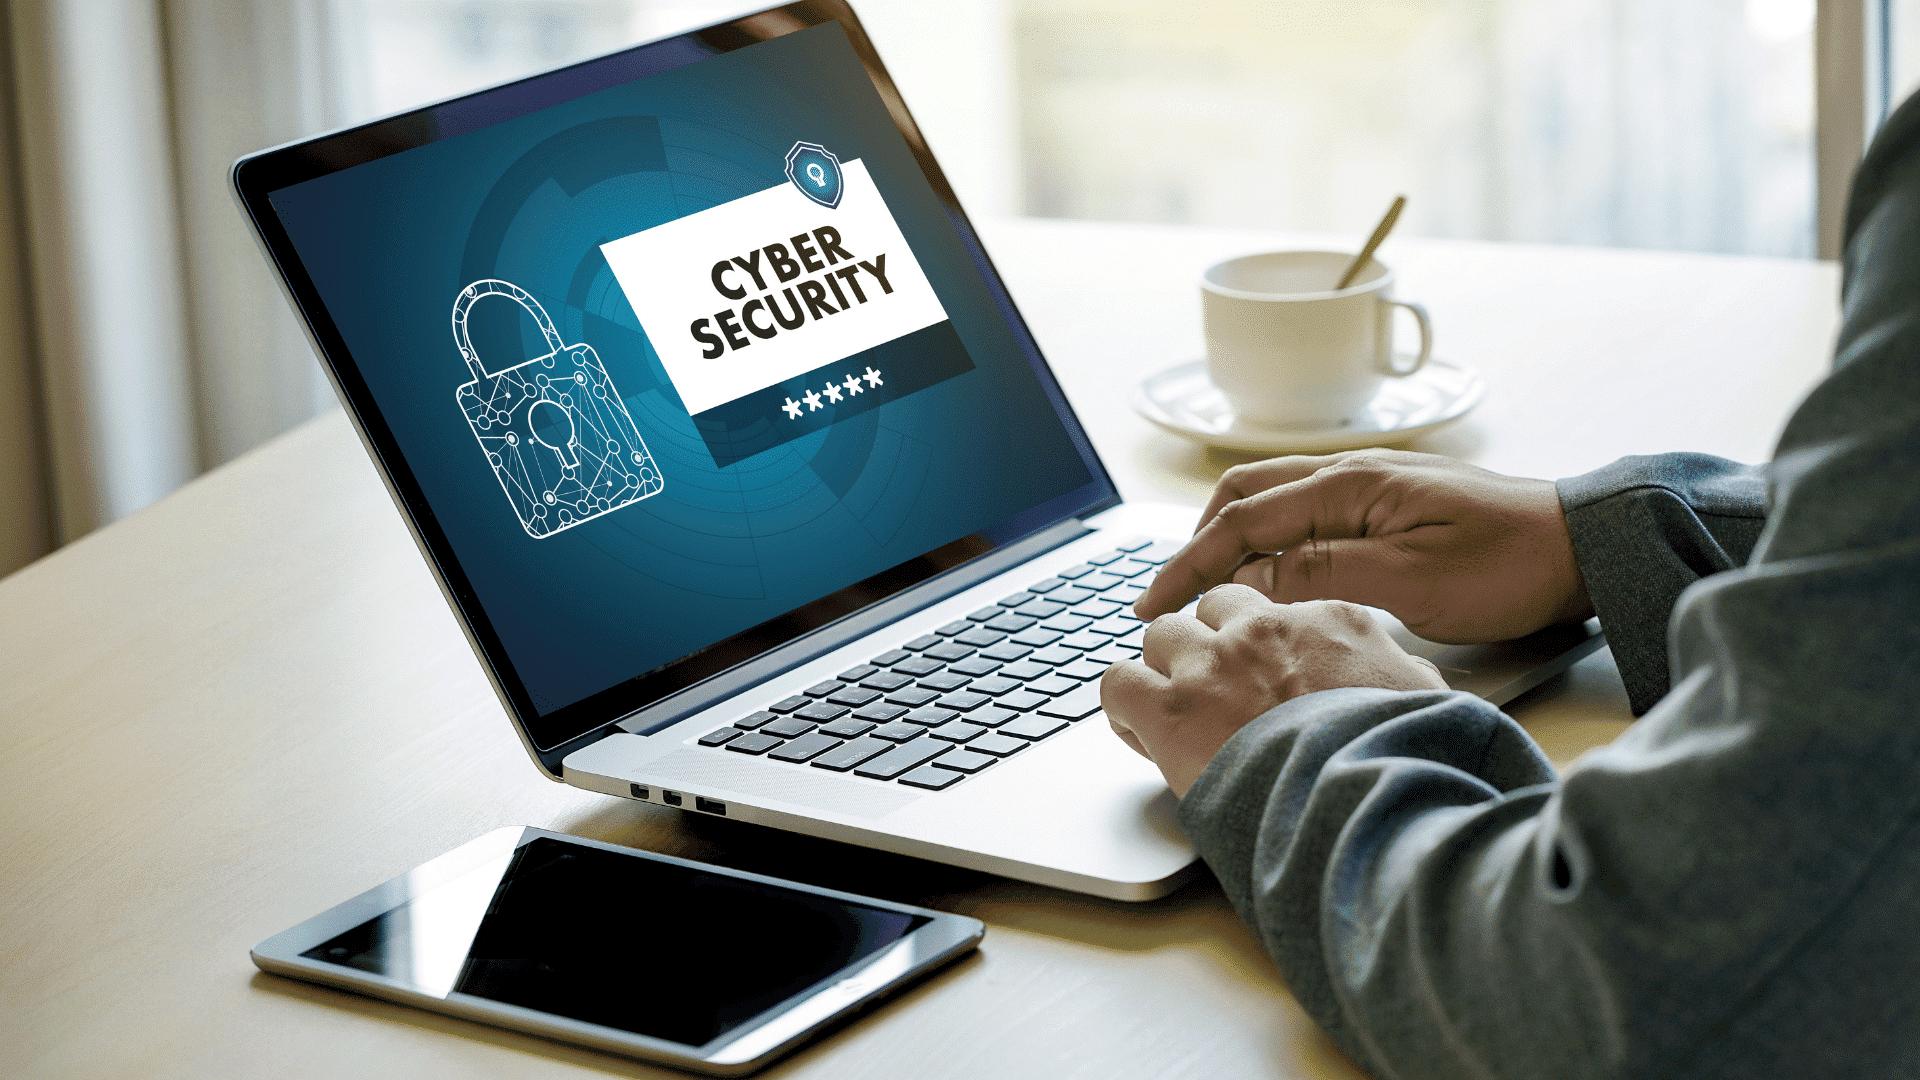 notebook protetto dagli attacchi informatici